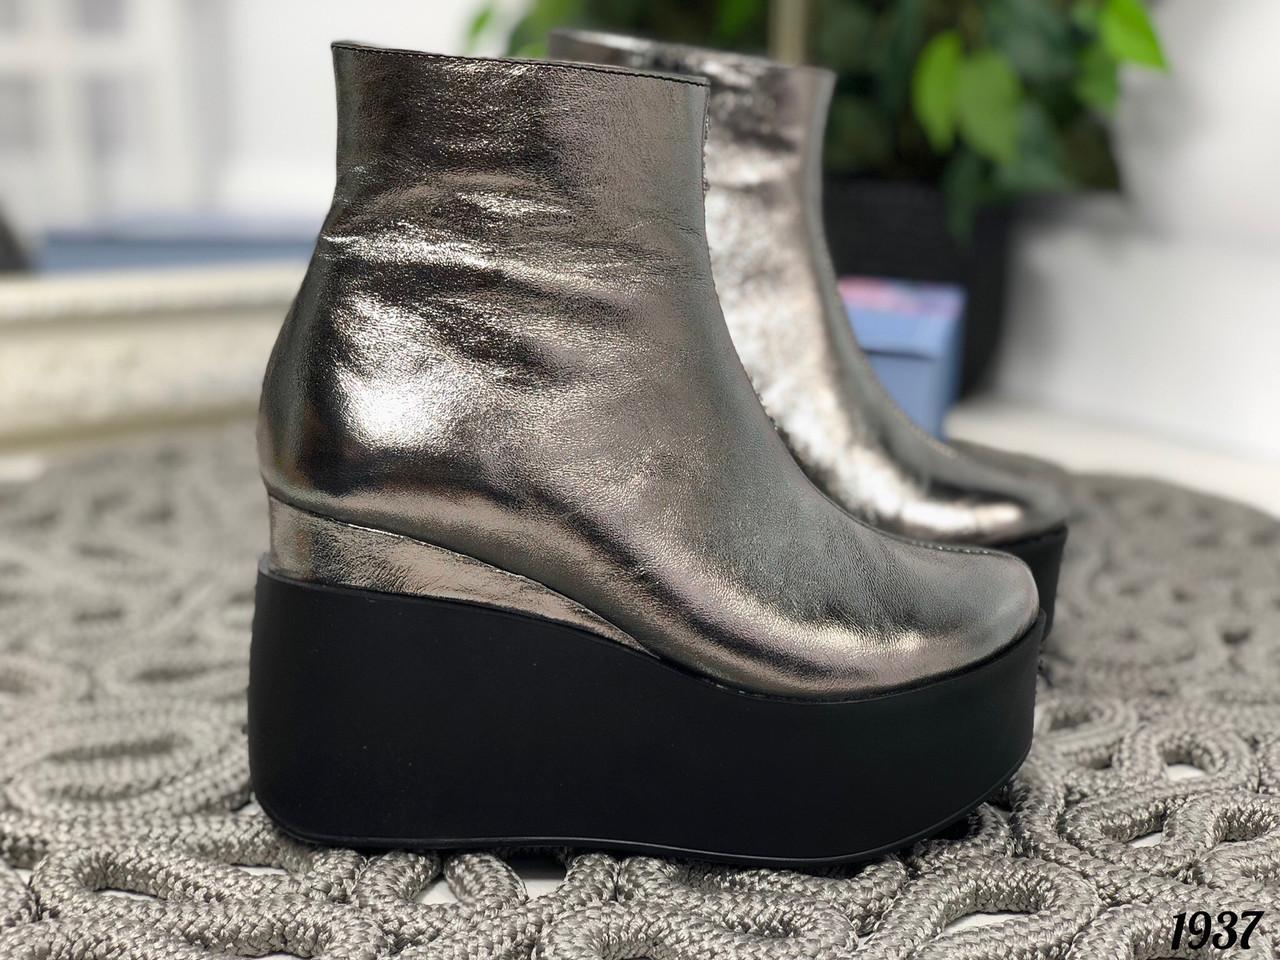 40 р. Ботинки женские деми серебристые кожаные, демисезонные, из натуральной кожи, натуральная кожа